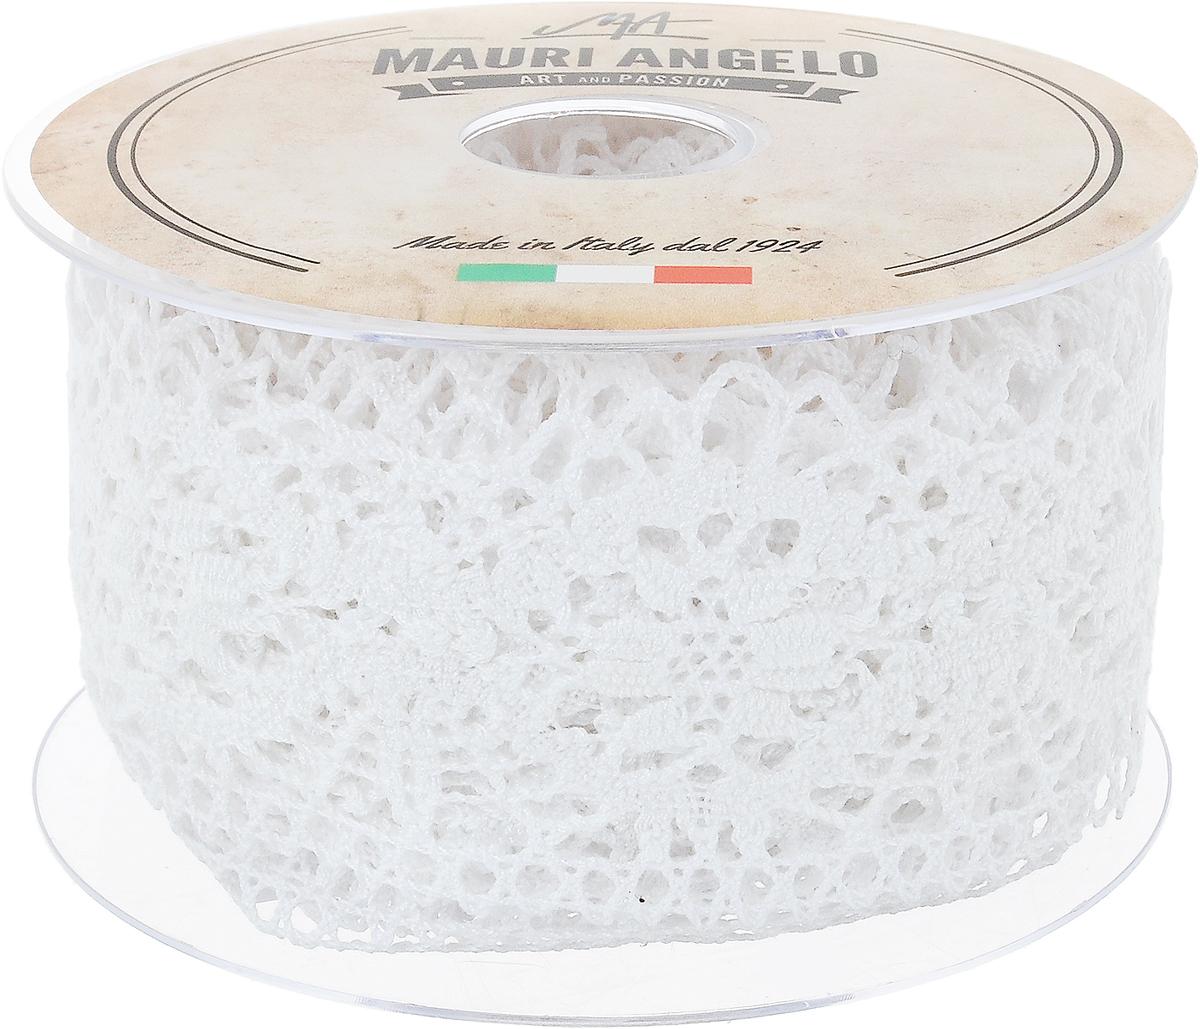 Лента кружевная Mauri Angelo, цвет: белый, 6,3 см х 10 мMR5320_белыйДекоративная кружевная лента Mauri Angelo - текстильное изделие без тканой основы, в котором ажурный орнамент и изображения образуются в результате переплетения нитей. Кружево применяется для отделки одежды, белья в виде окаймления или вставок, а также в оформлении интерьера, декоративных панно, скатертей, тюлей, покрывал. Главные особенности кружева - воздушность, тонкость, эластичность, узорность. Декоративная кружевная лента Mauri Angelo станет незаменимым элементом в создании рукотворного шедевра. Ширина: 6,3 см. Длина: 10 м.